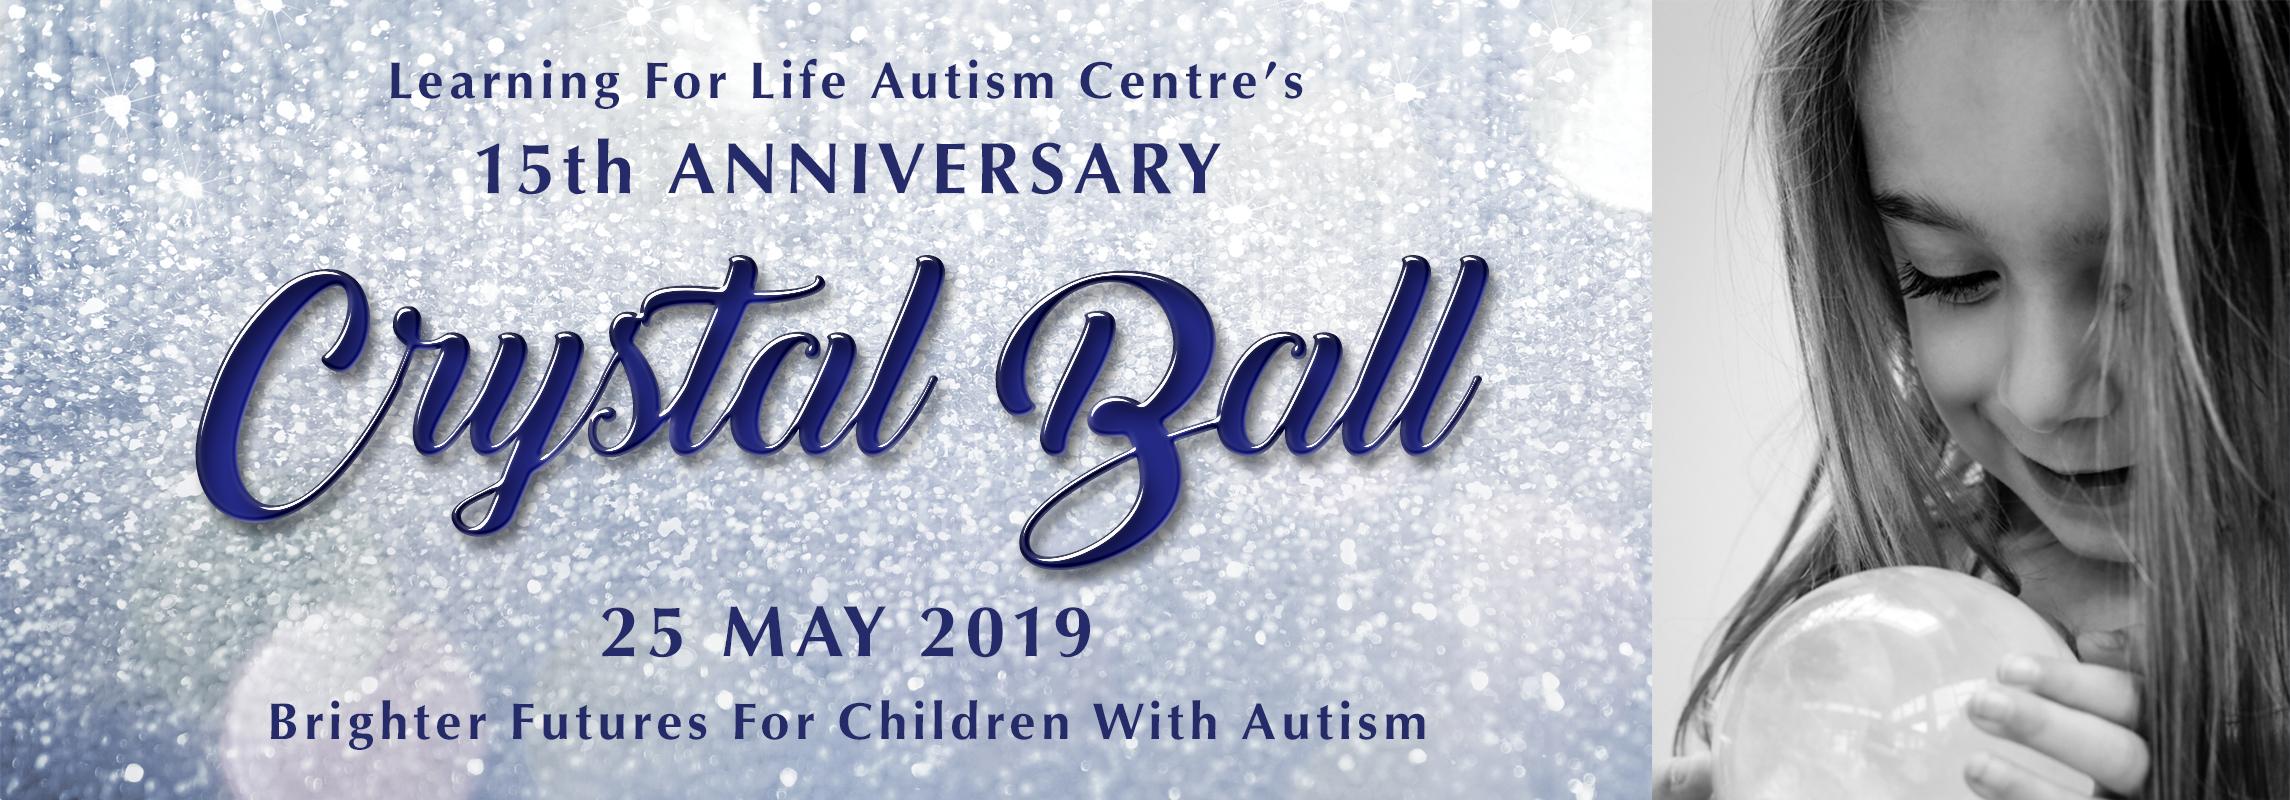 Crystal Ball web banner